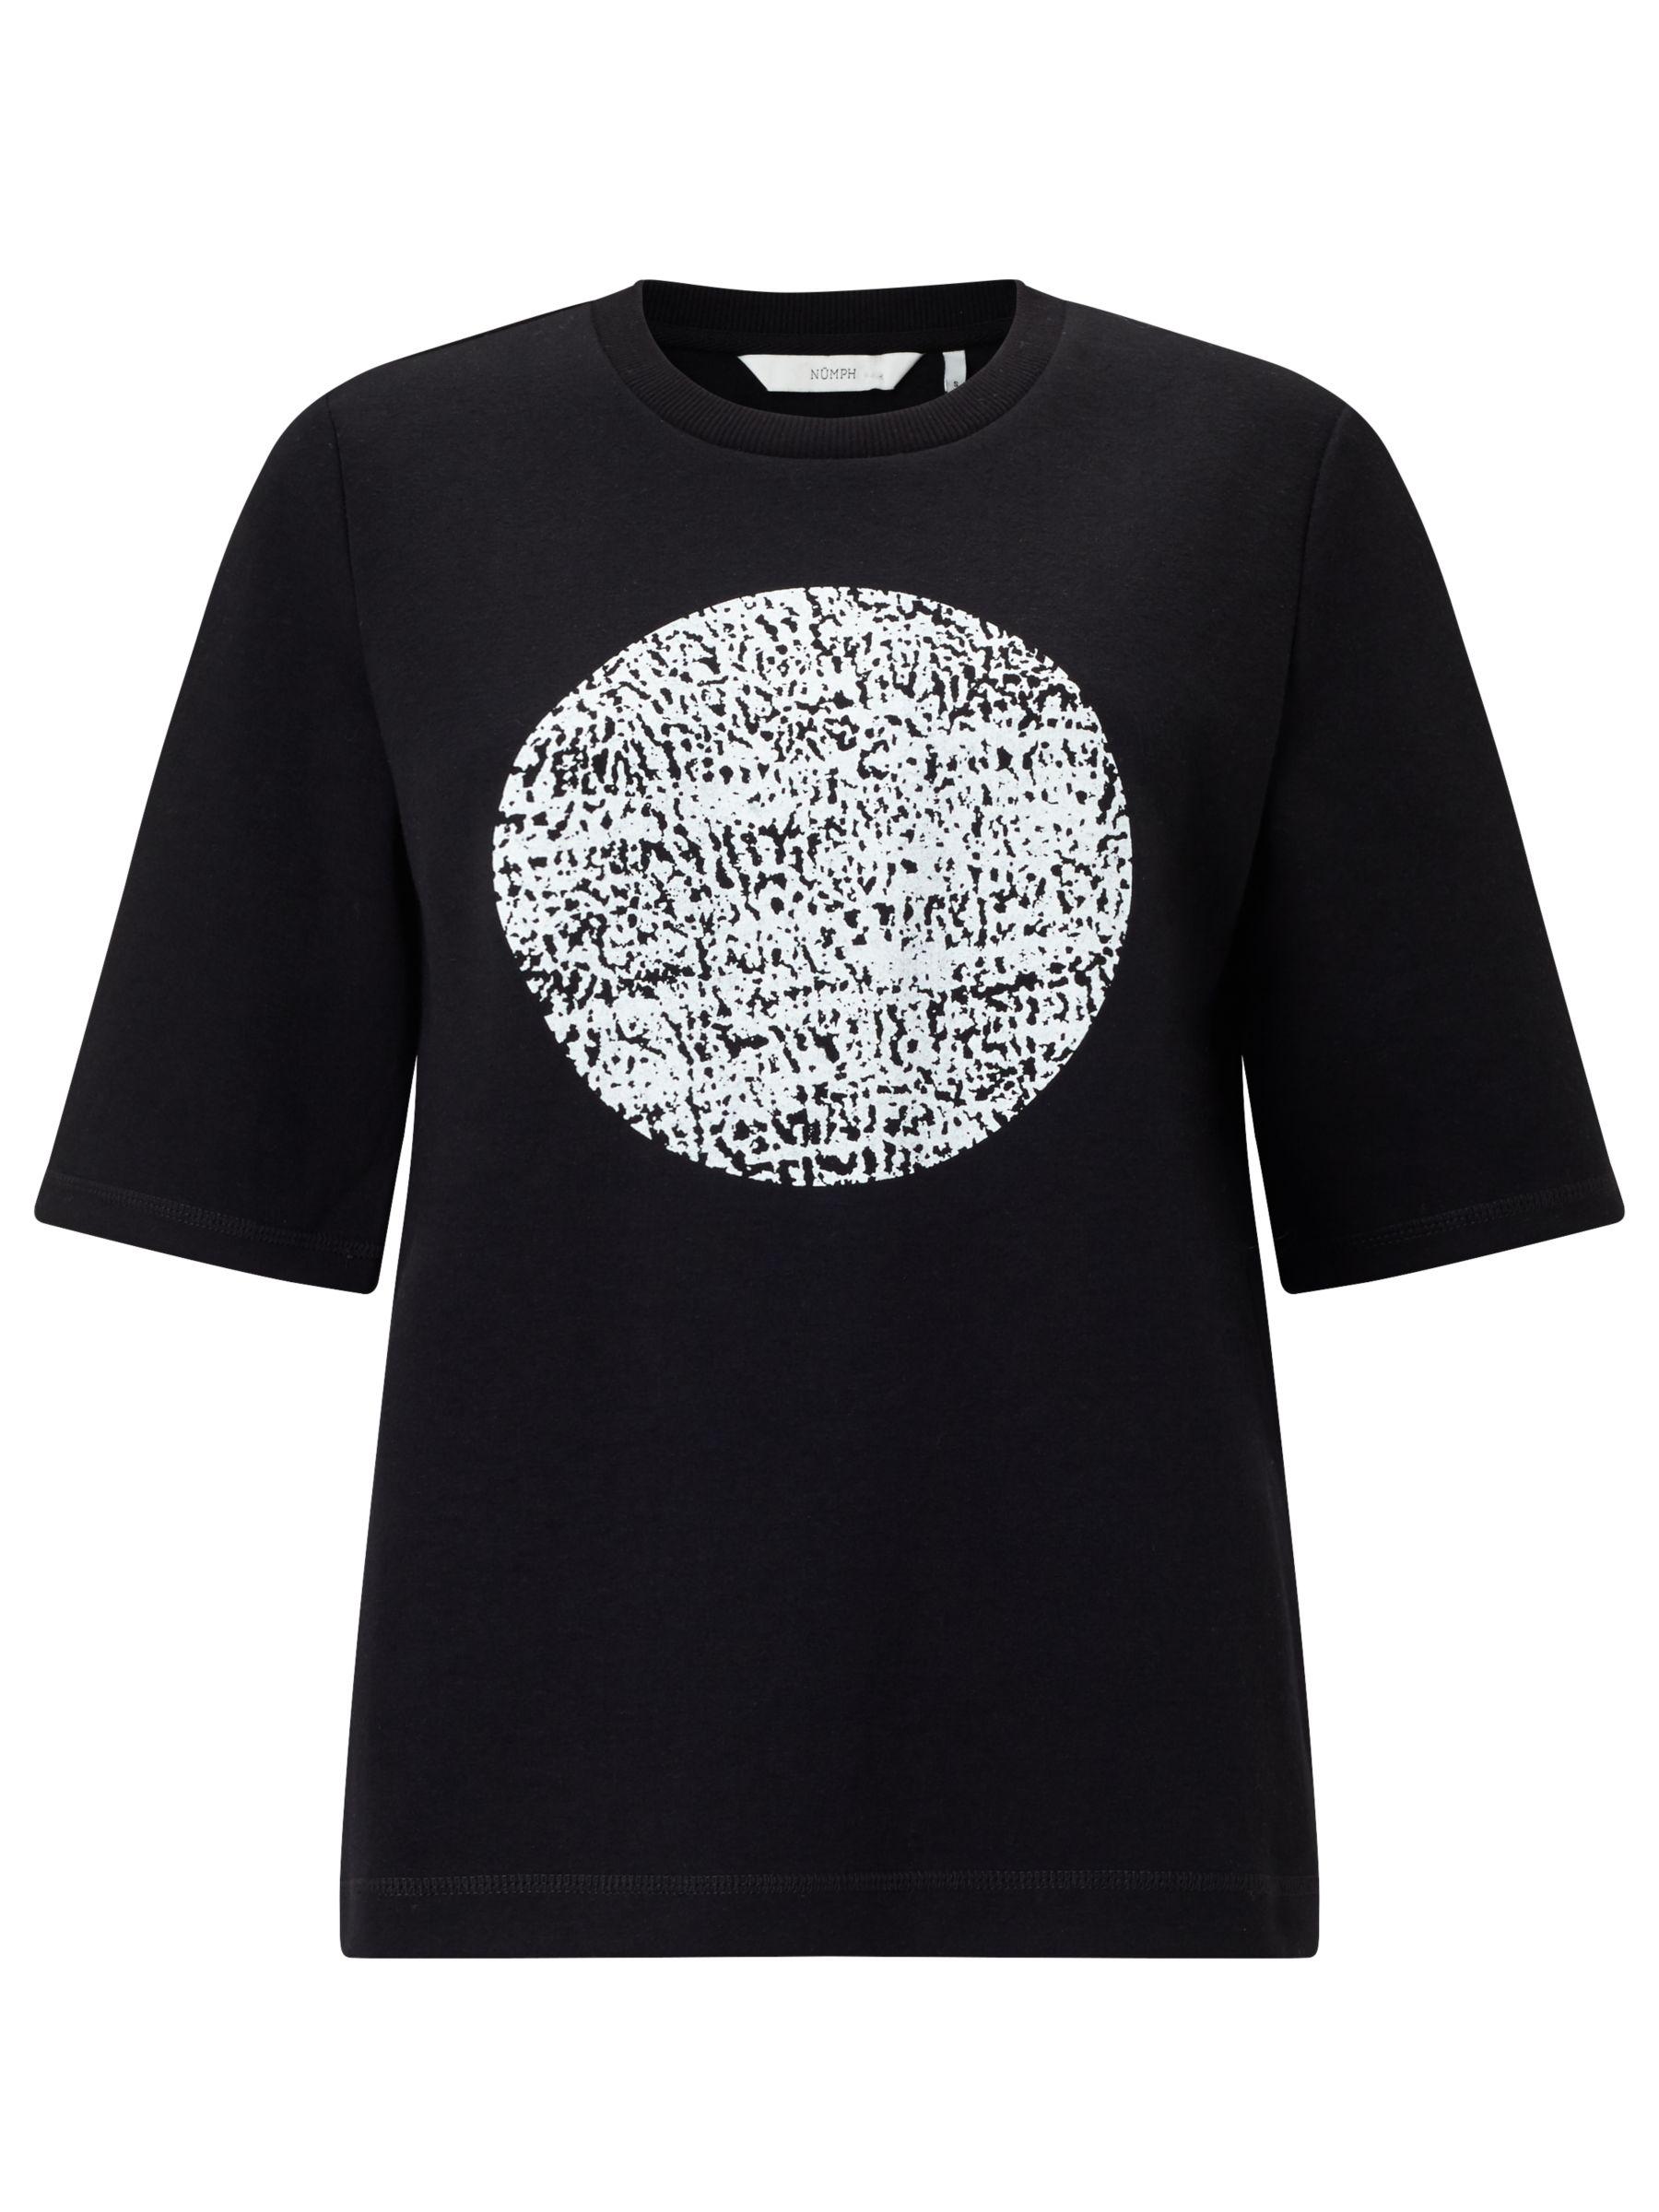 Numph Numph Kos Circle Print T-Shirt, Caviar